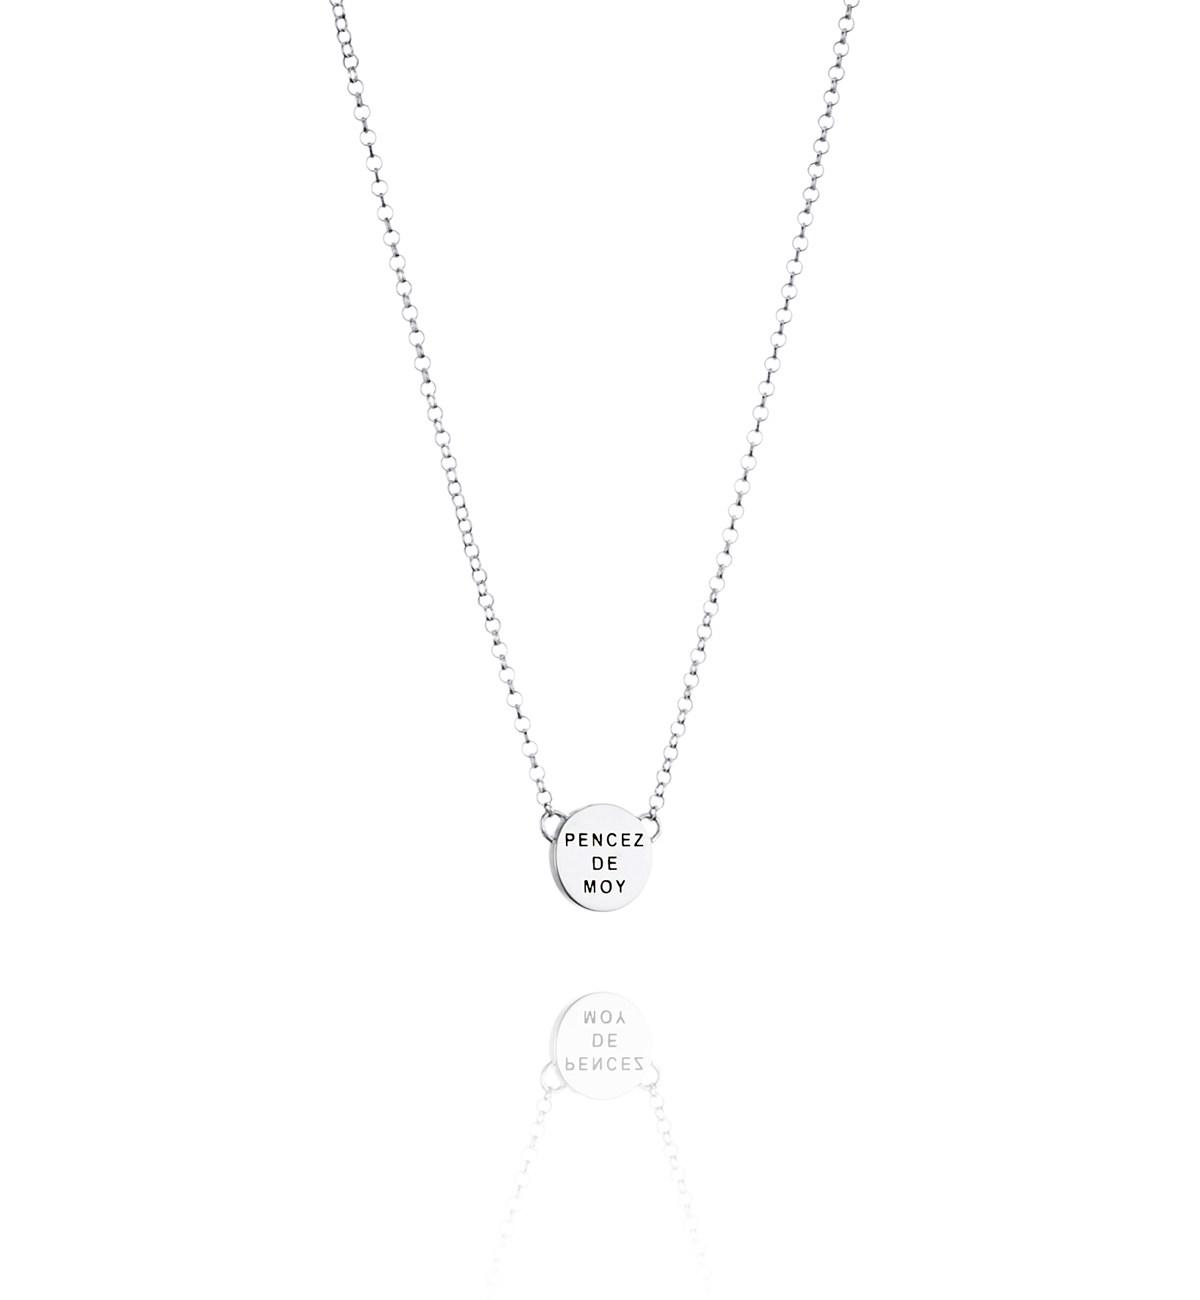 : - Mini Pencez Necklace